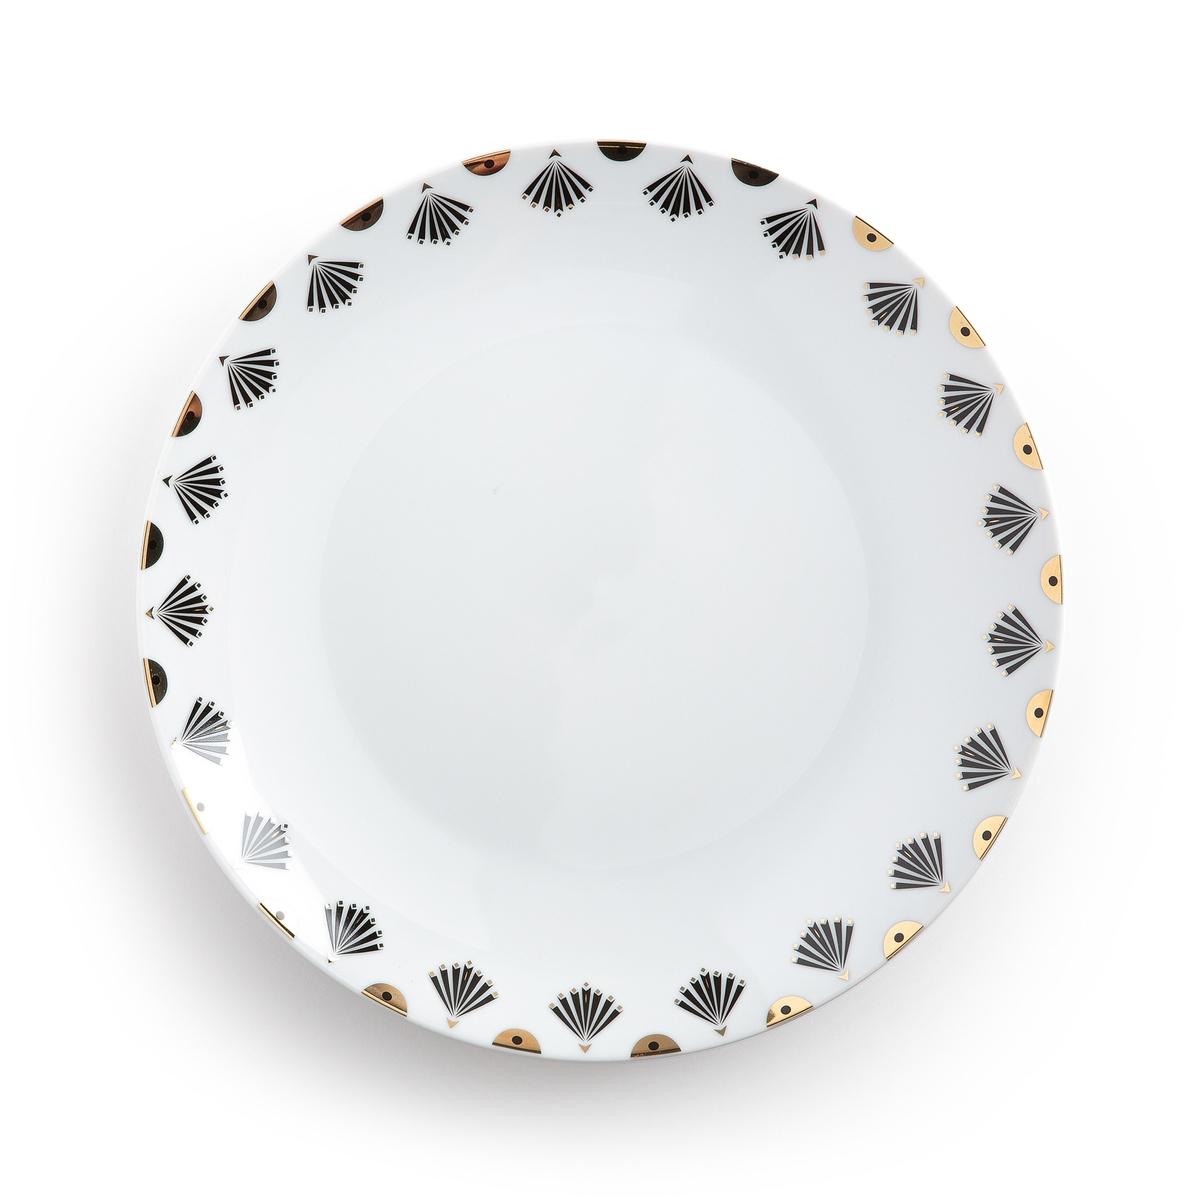 Комплект из 4 плоских тарелок, MELLAHОписание:4 тарелки плоские Mellah . Тарелки Mellah из красивого белого фарфора придадут изысканность на вашем столе .Характеристики 4 плоских тарелок Mellah : •  Фарфор с декором •  Сундучок с 4 тарелками •  Подходят для посудомоечной машины, не подходят для микроволновой печи Размеры 1 плоской тарелки Mellah   : •  Диаметр 26,7 смНайдите всю коллекцию Art de la table Mellah на сайте laredoute .ru<br><br>Цвет: рисунок + белый<br>Размер: единый размер